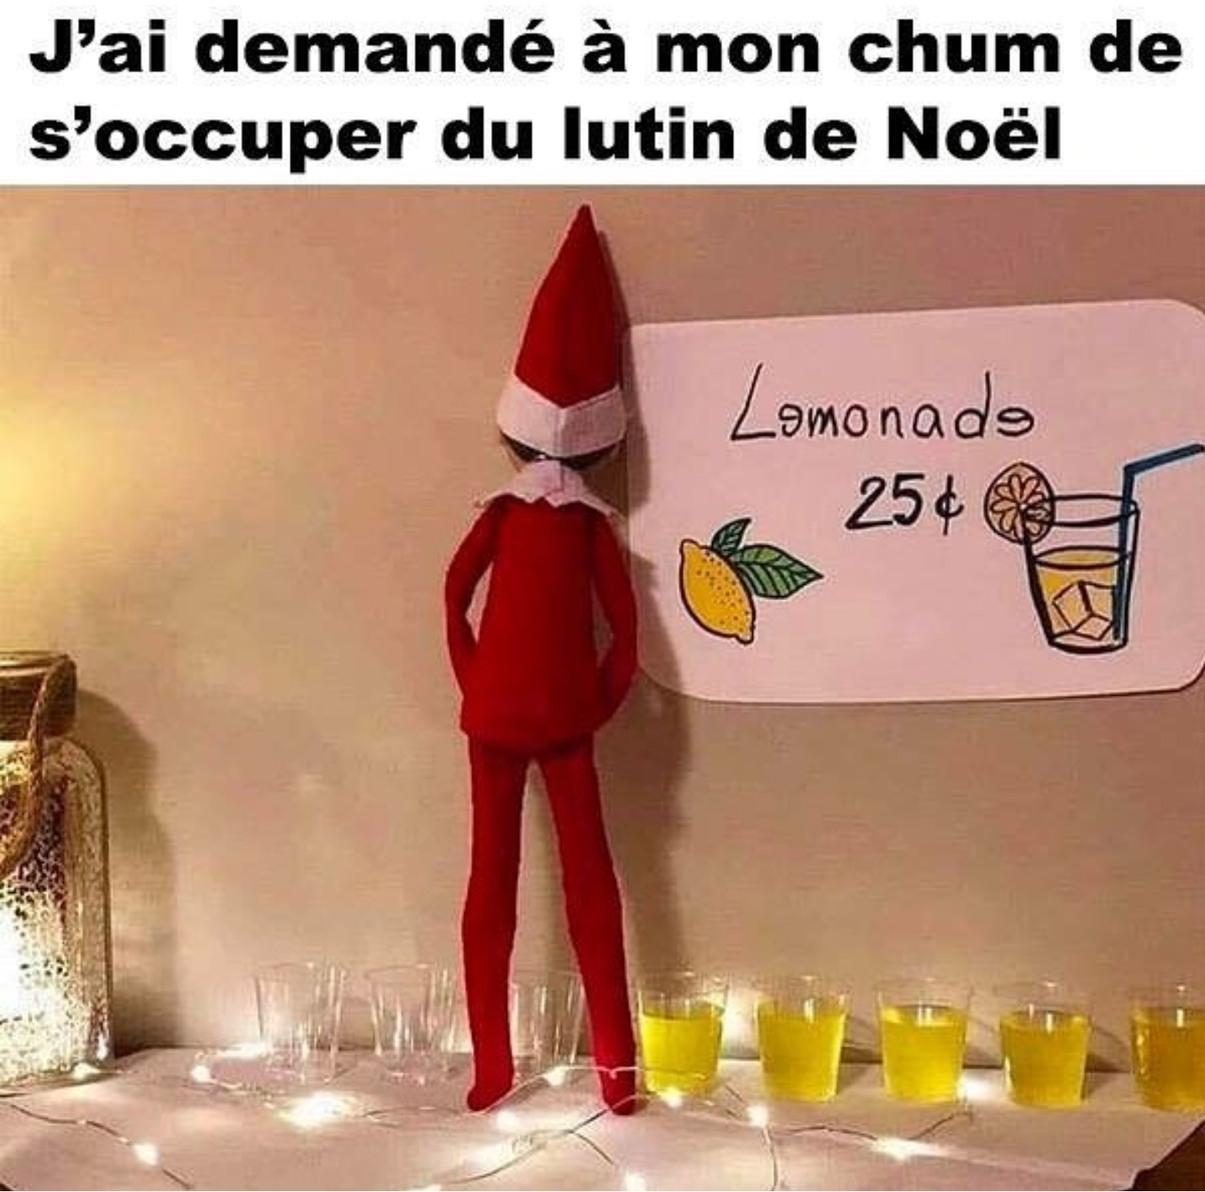 Chum is ami pour les innocents - meme